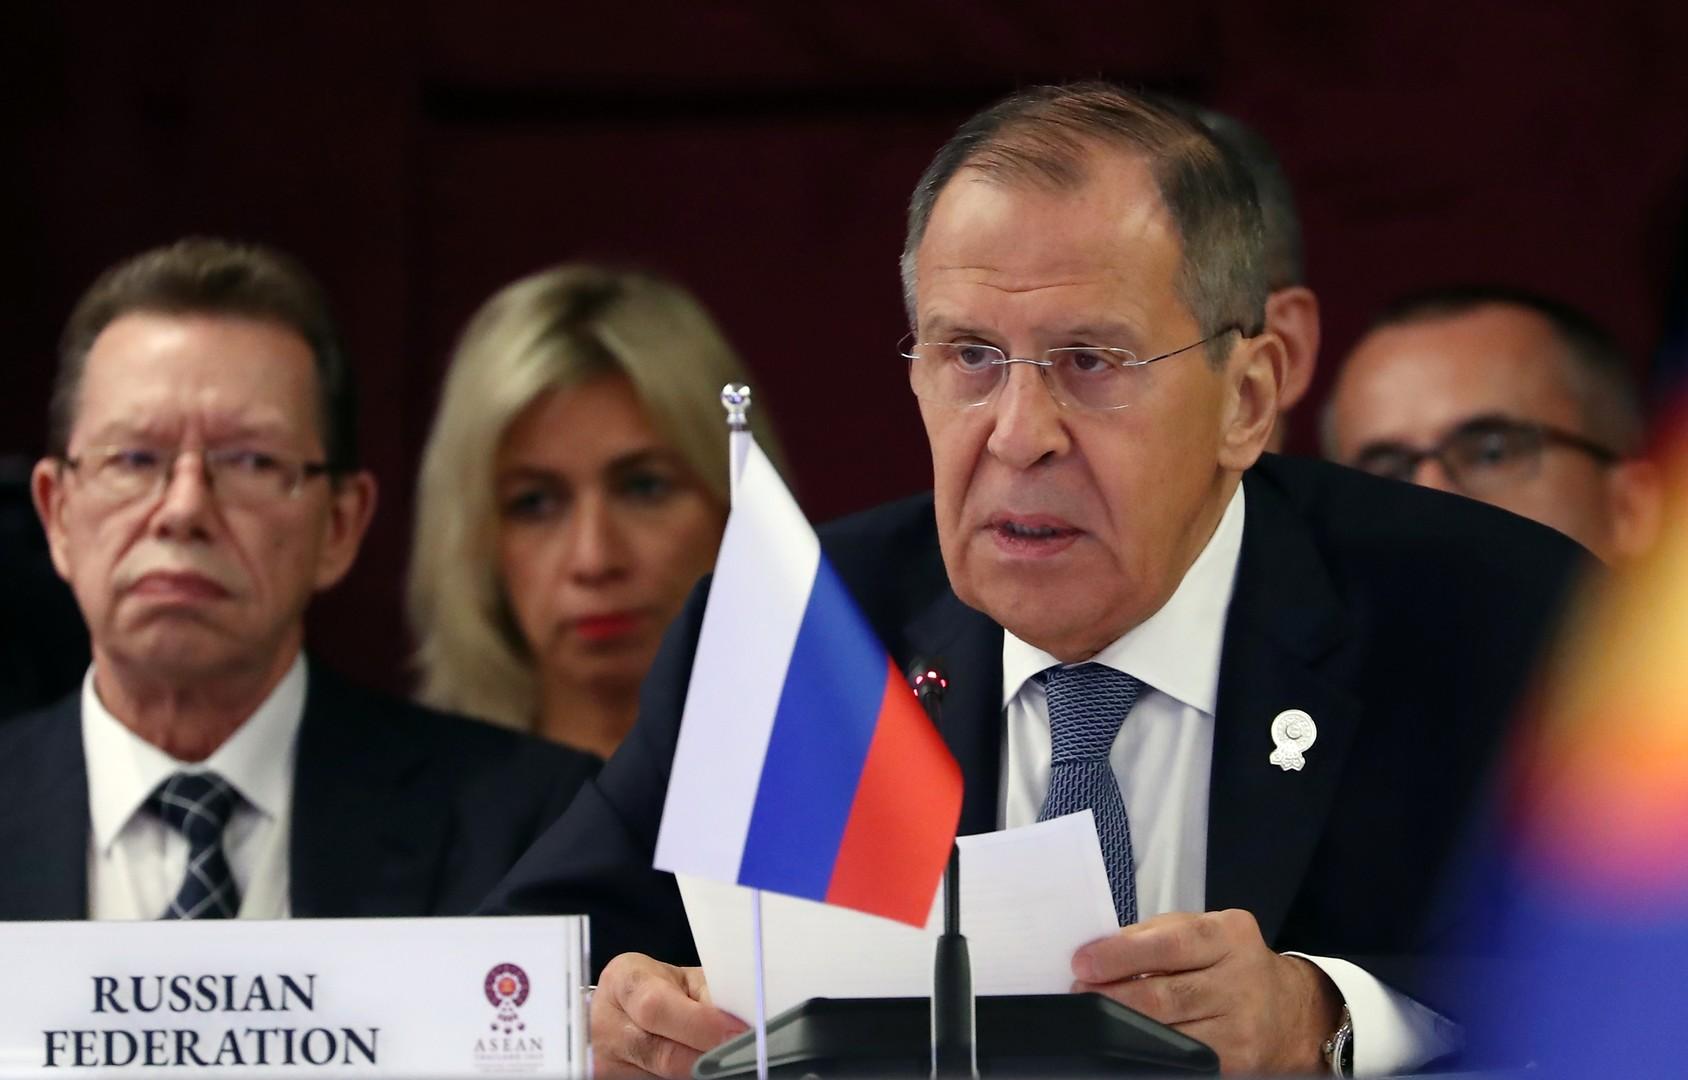 وزير الخارجية الروسي، سيرغي لافروف في جلسة وزراء خارجية دول روسيا-آسيان في بانكوك، 31 يوليو 2019